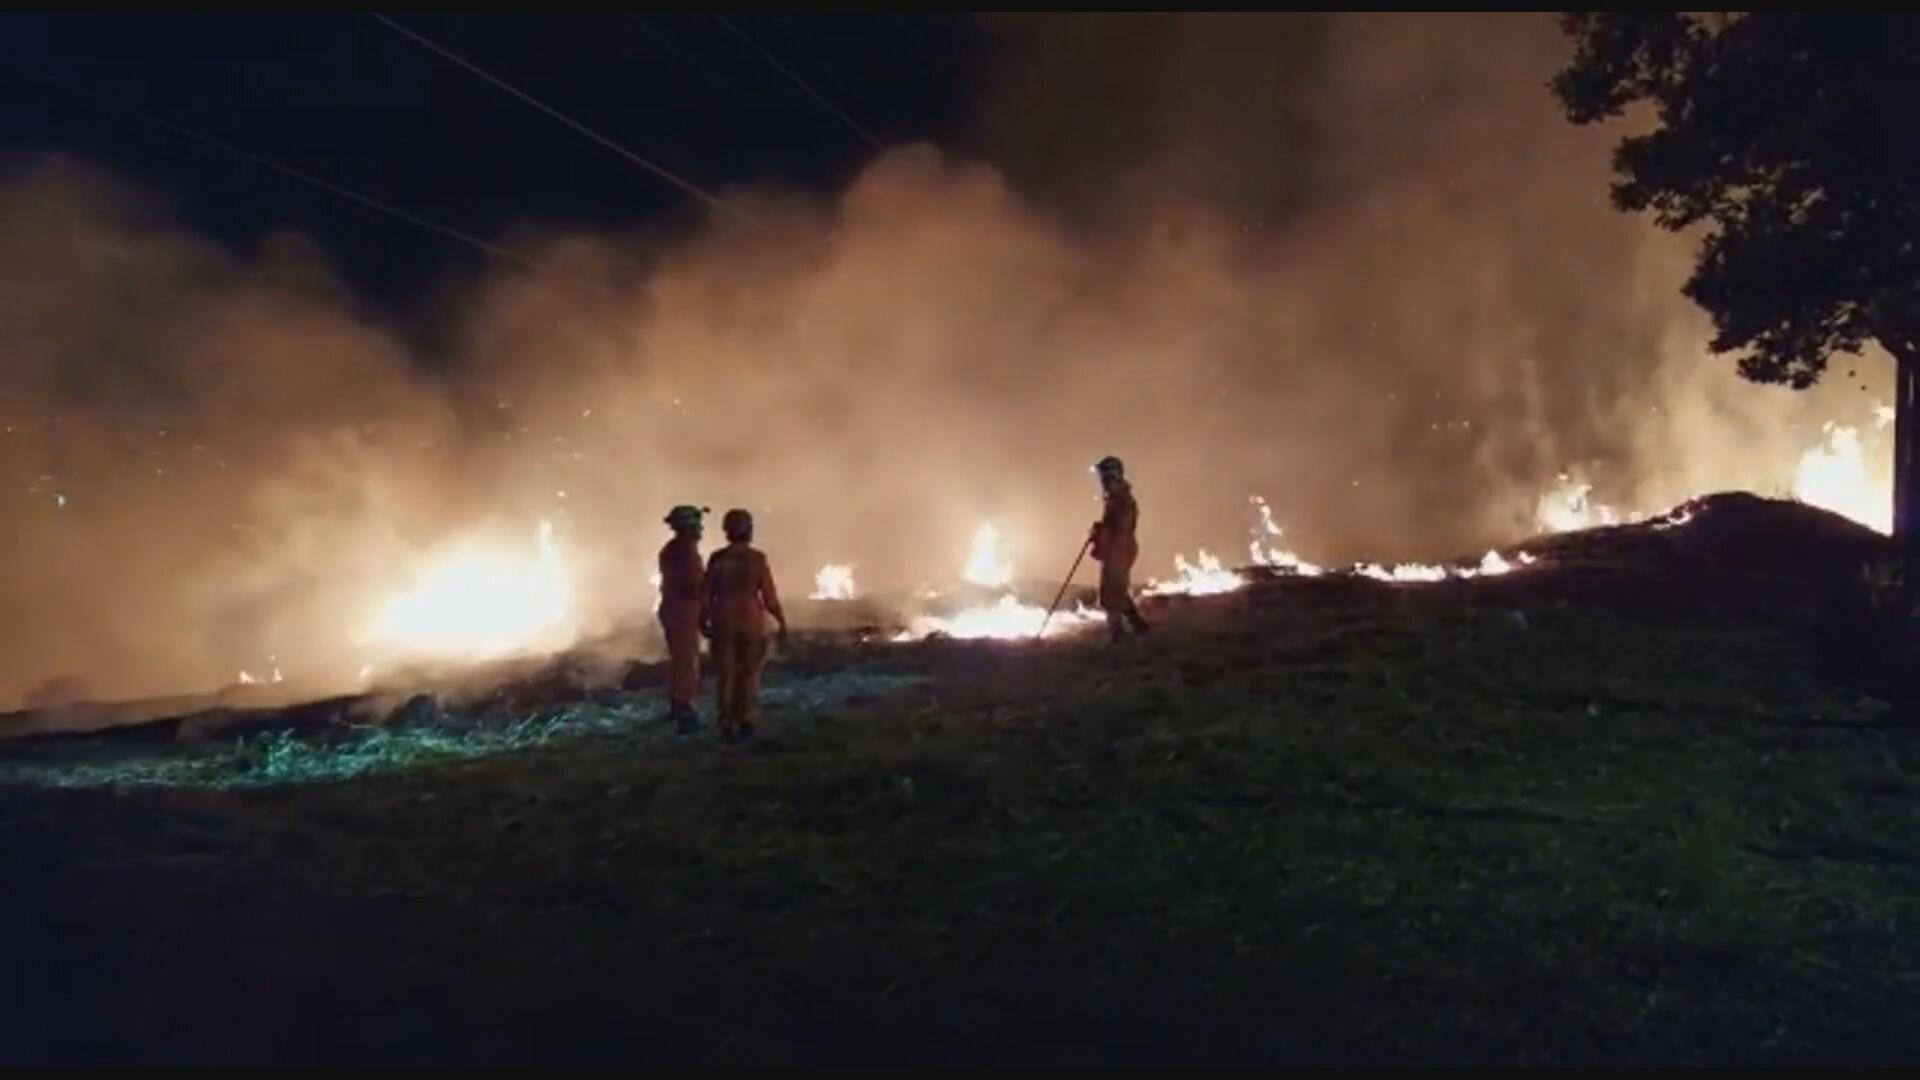 Bombeiros suspeitam de incêndio criminoso em parque de BH